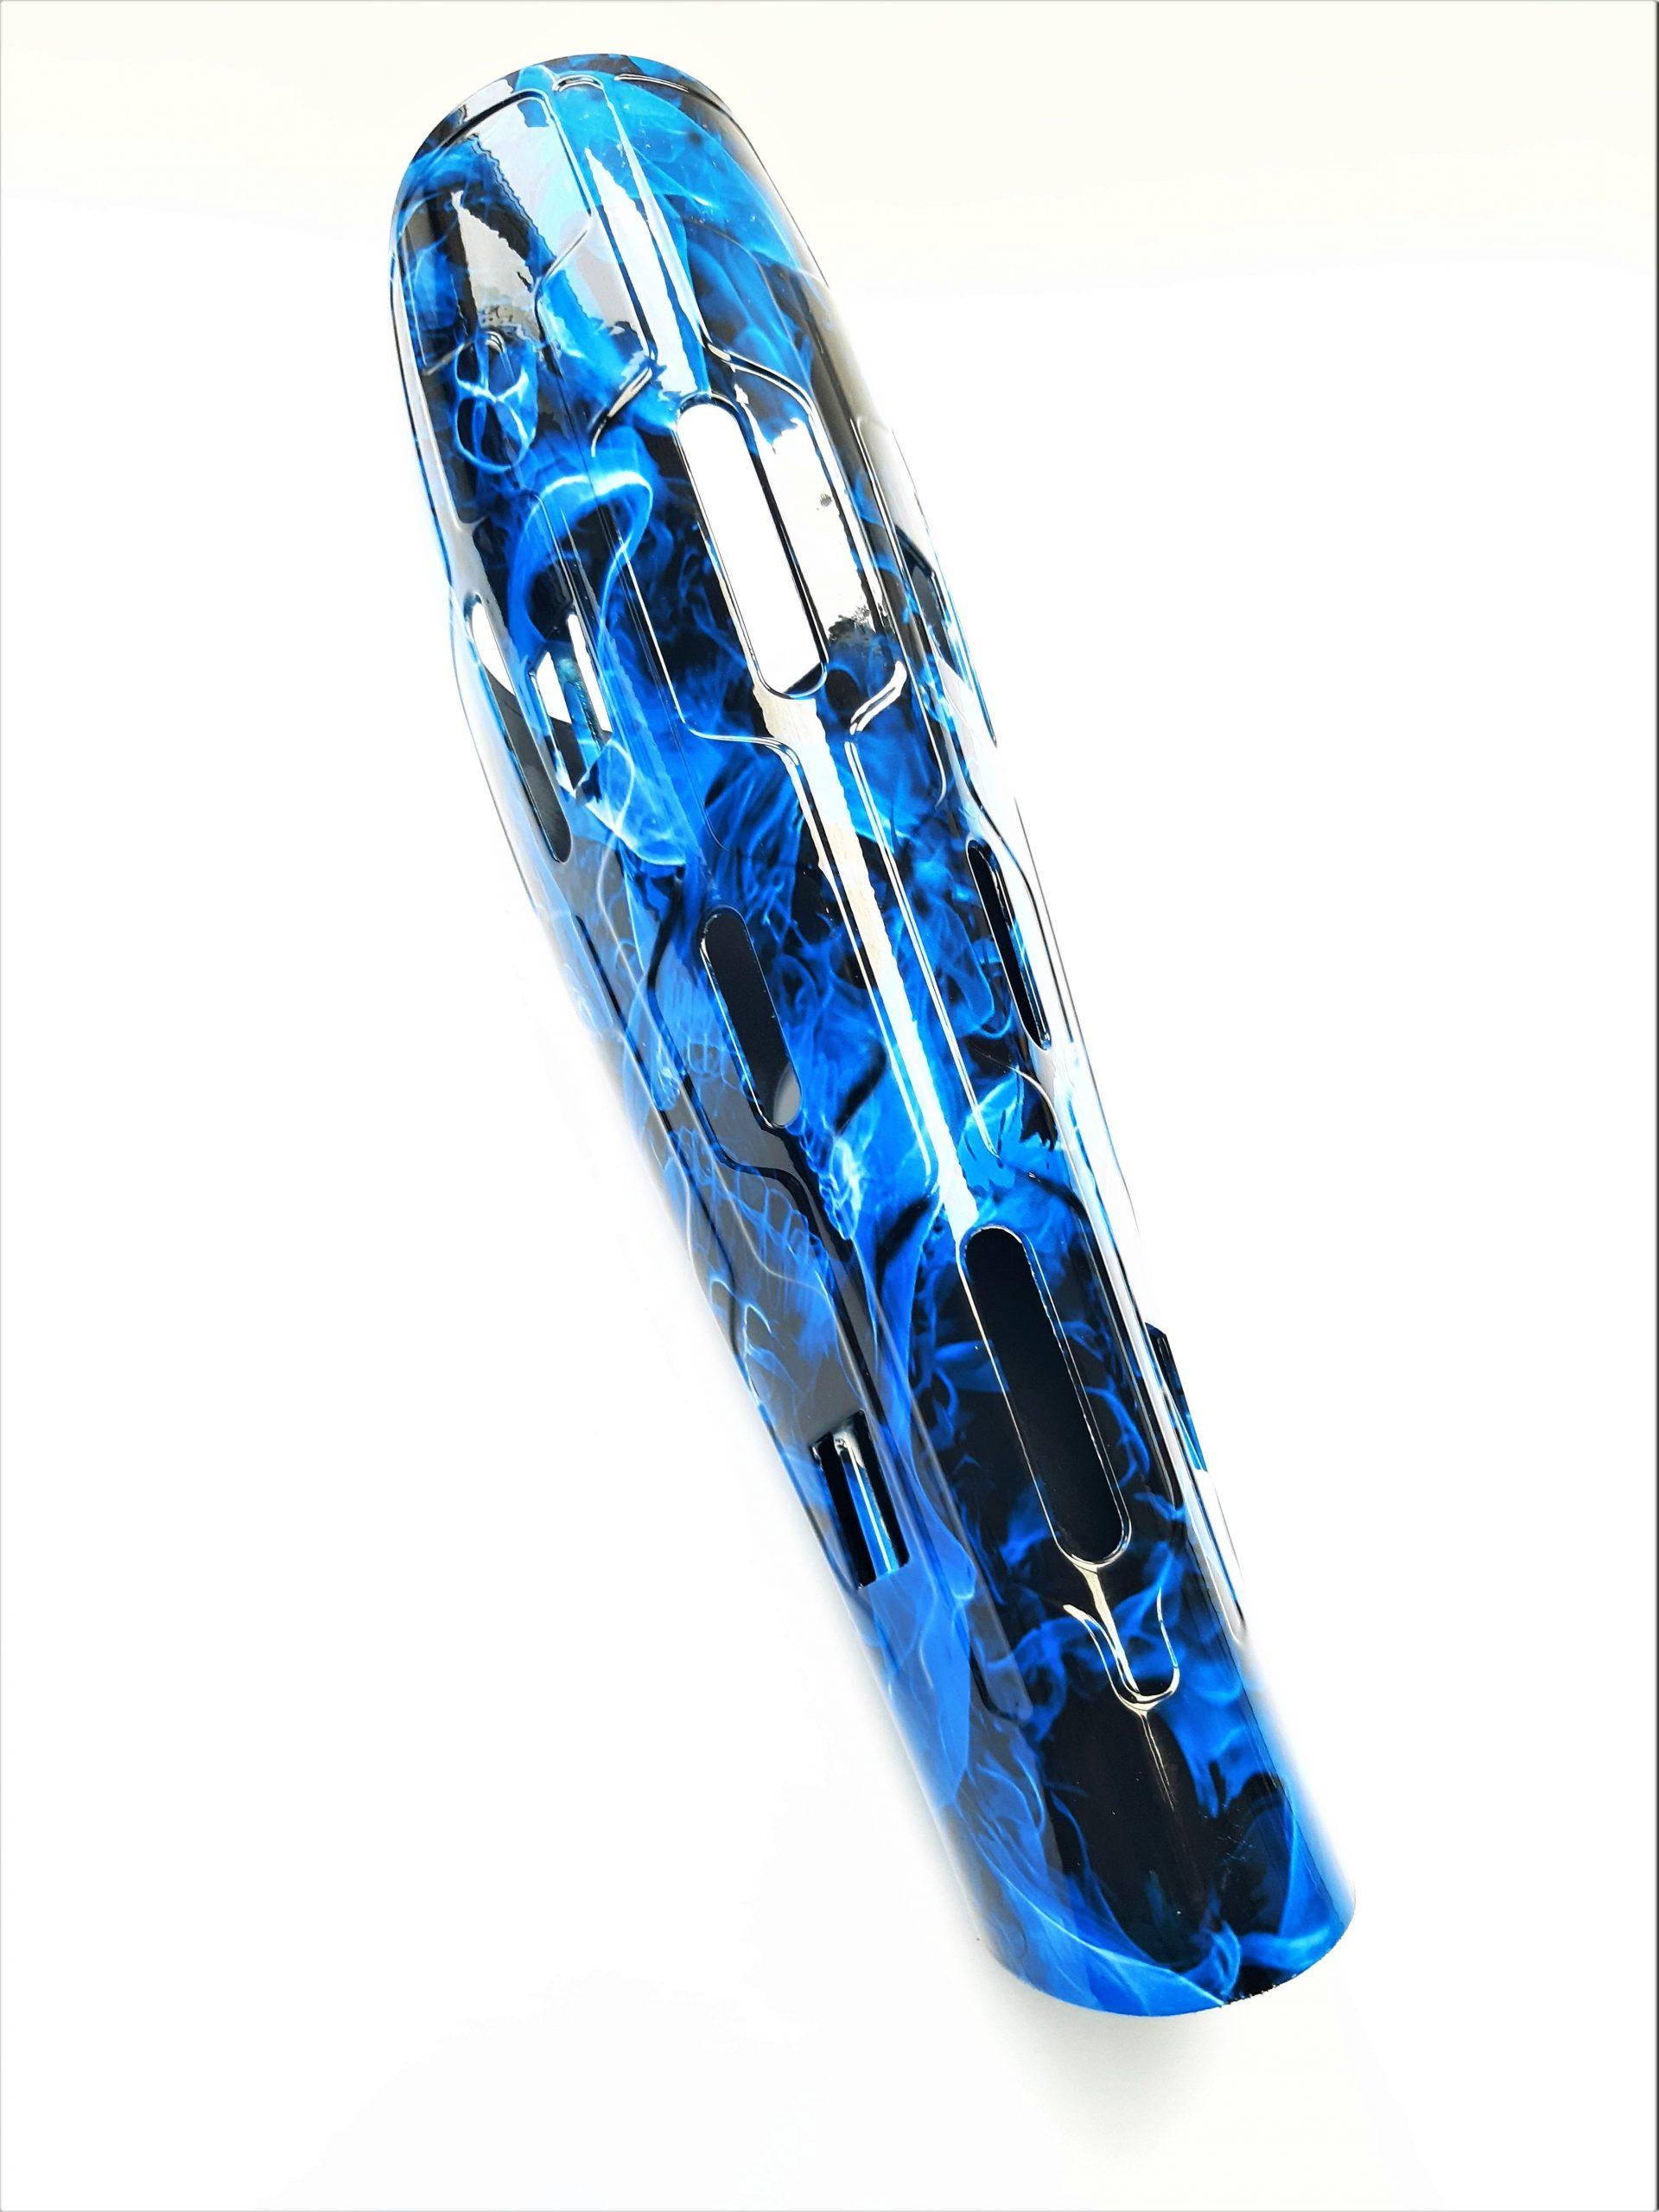 Limb-art prosthetic leg cover VENT Blue Skulls hydrodip